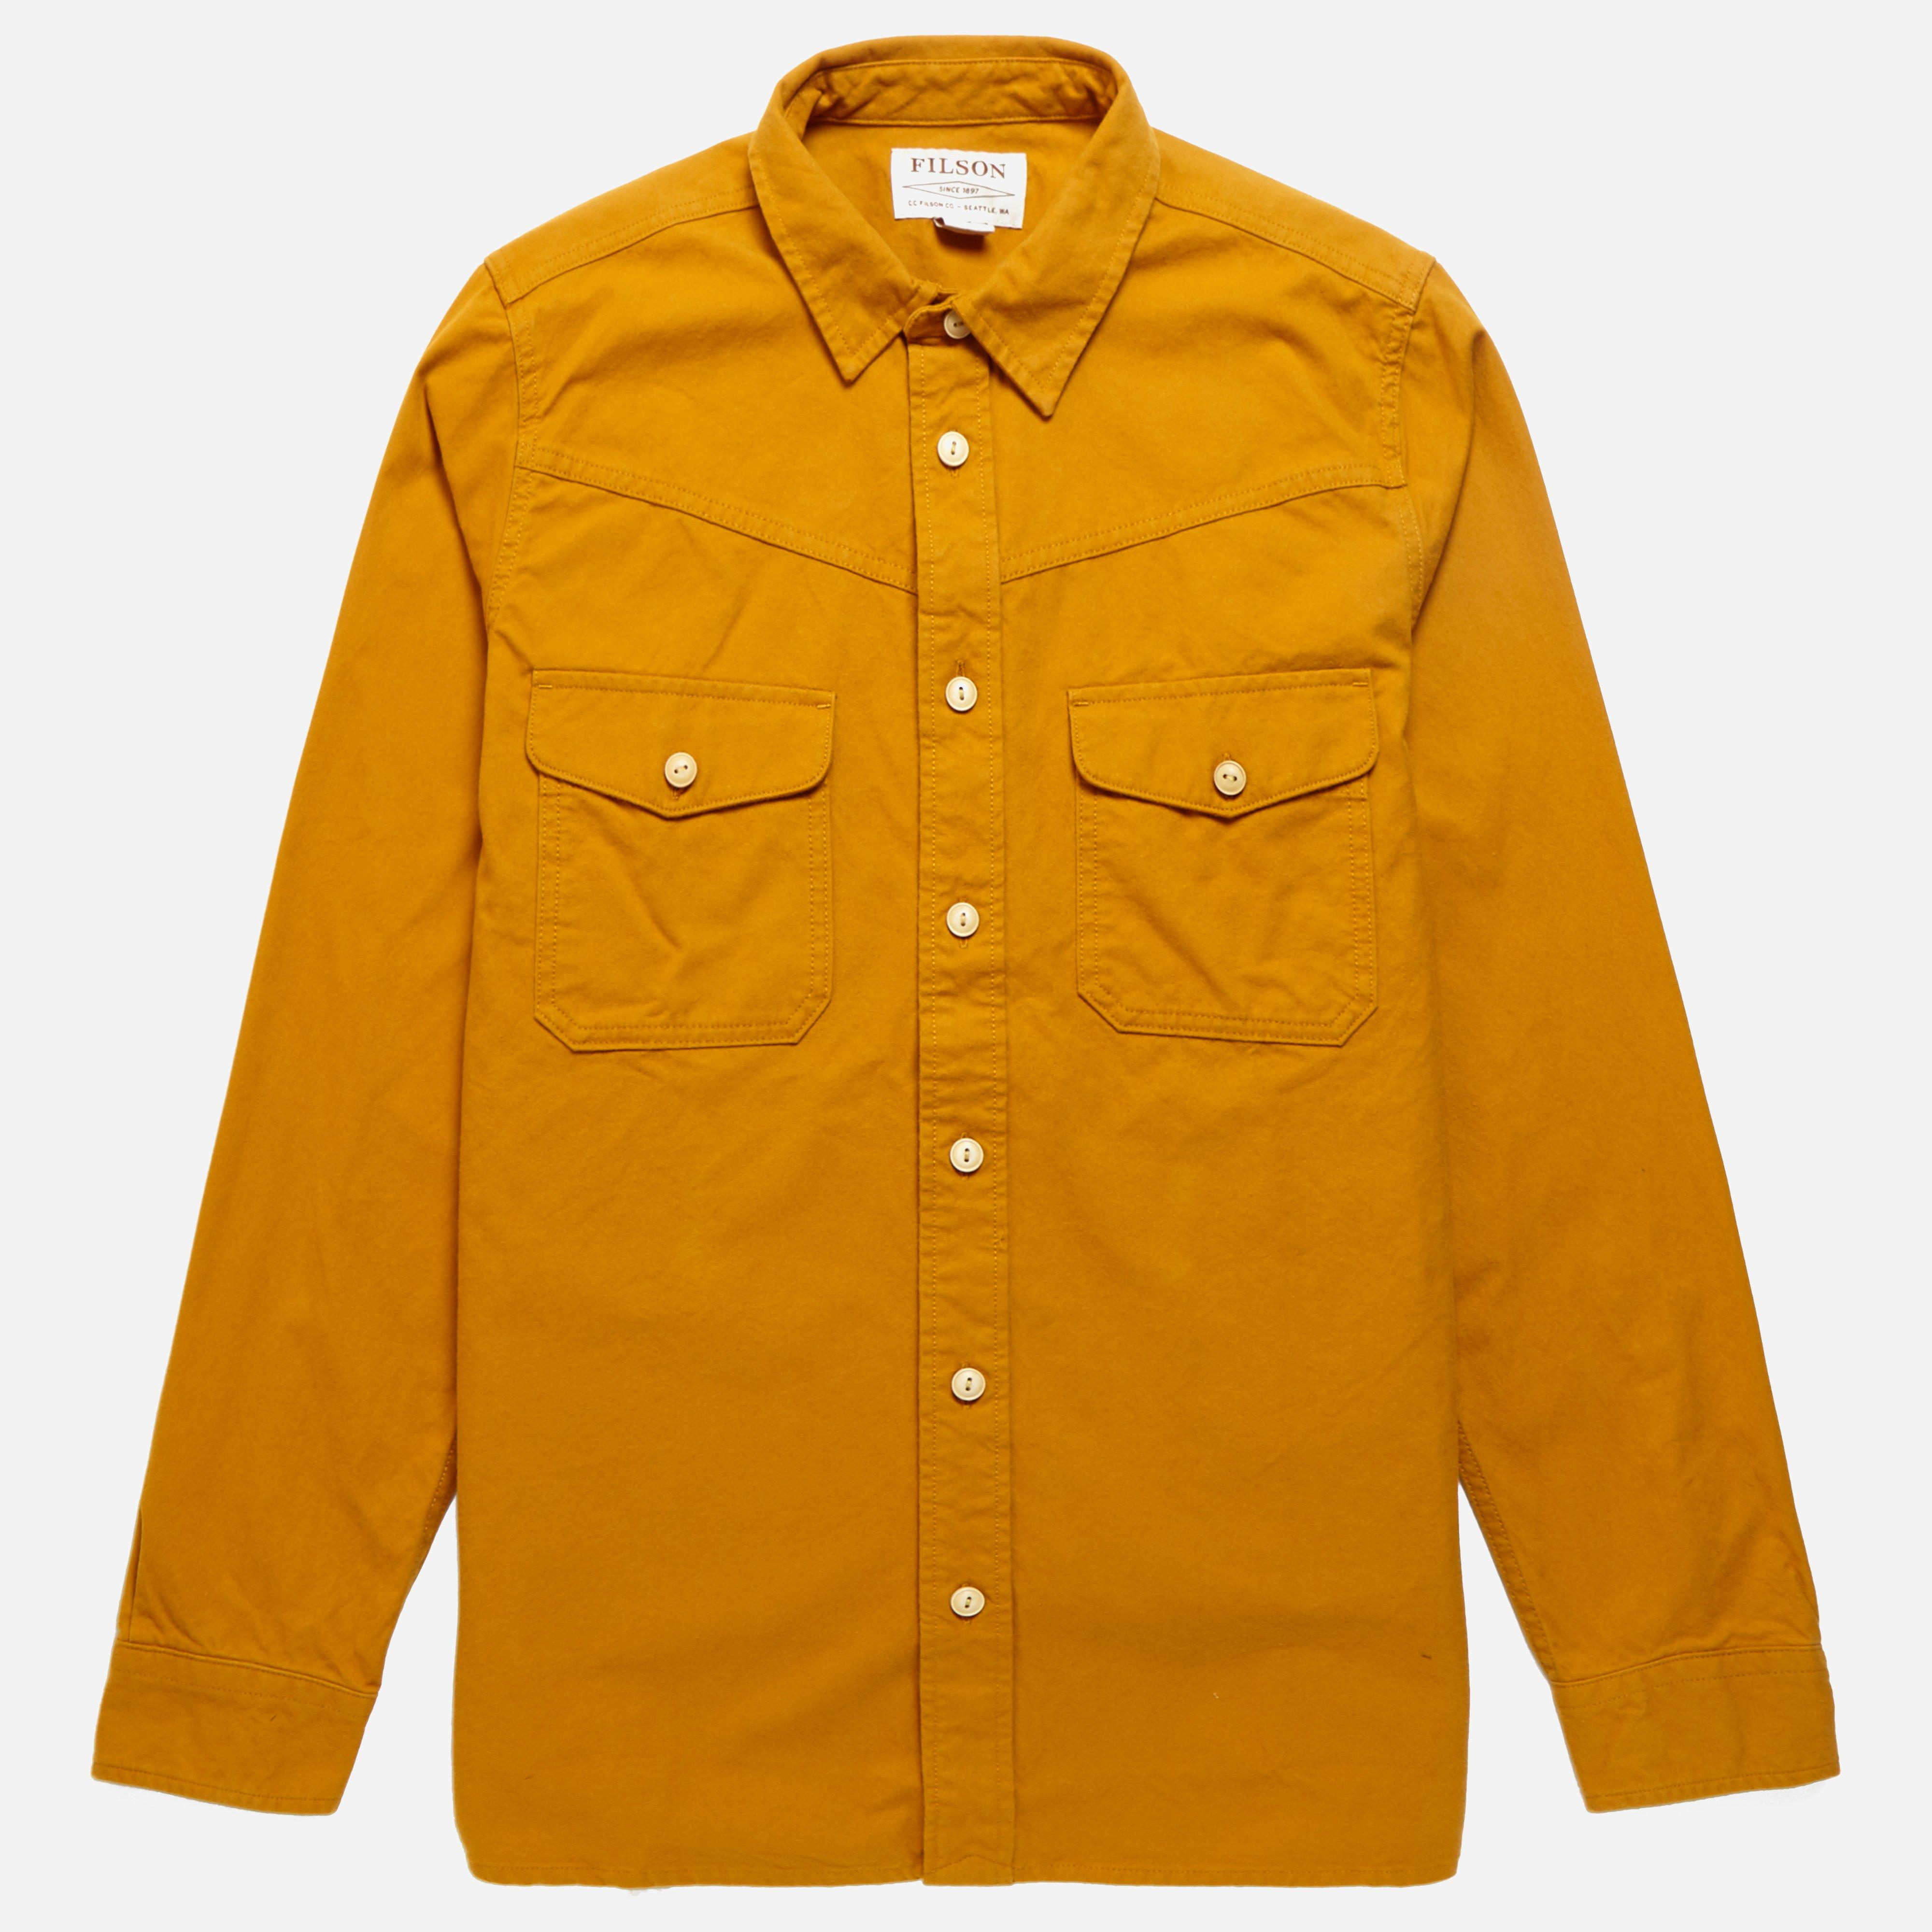 Filson Yukon Chamois Shirt